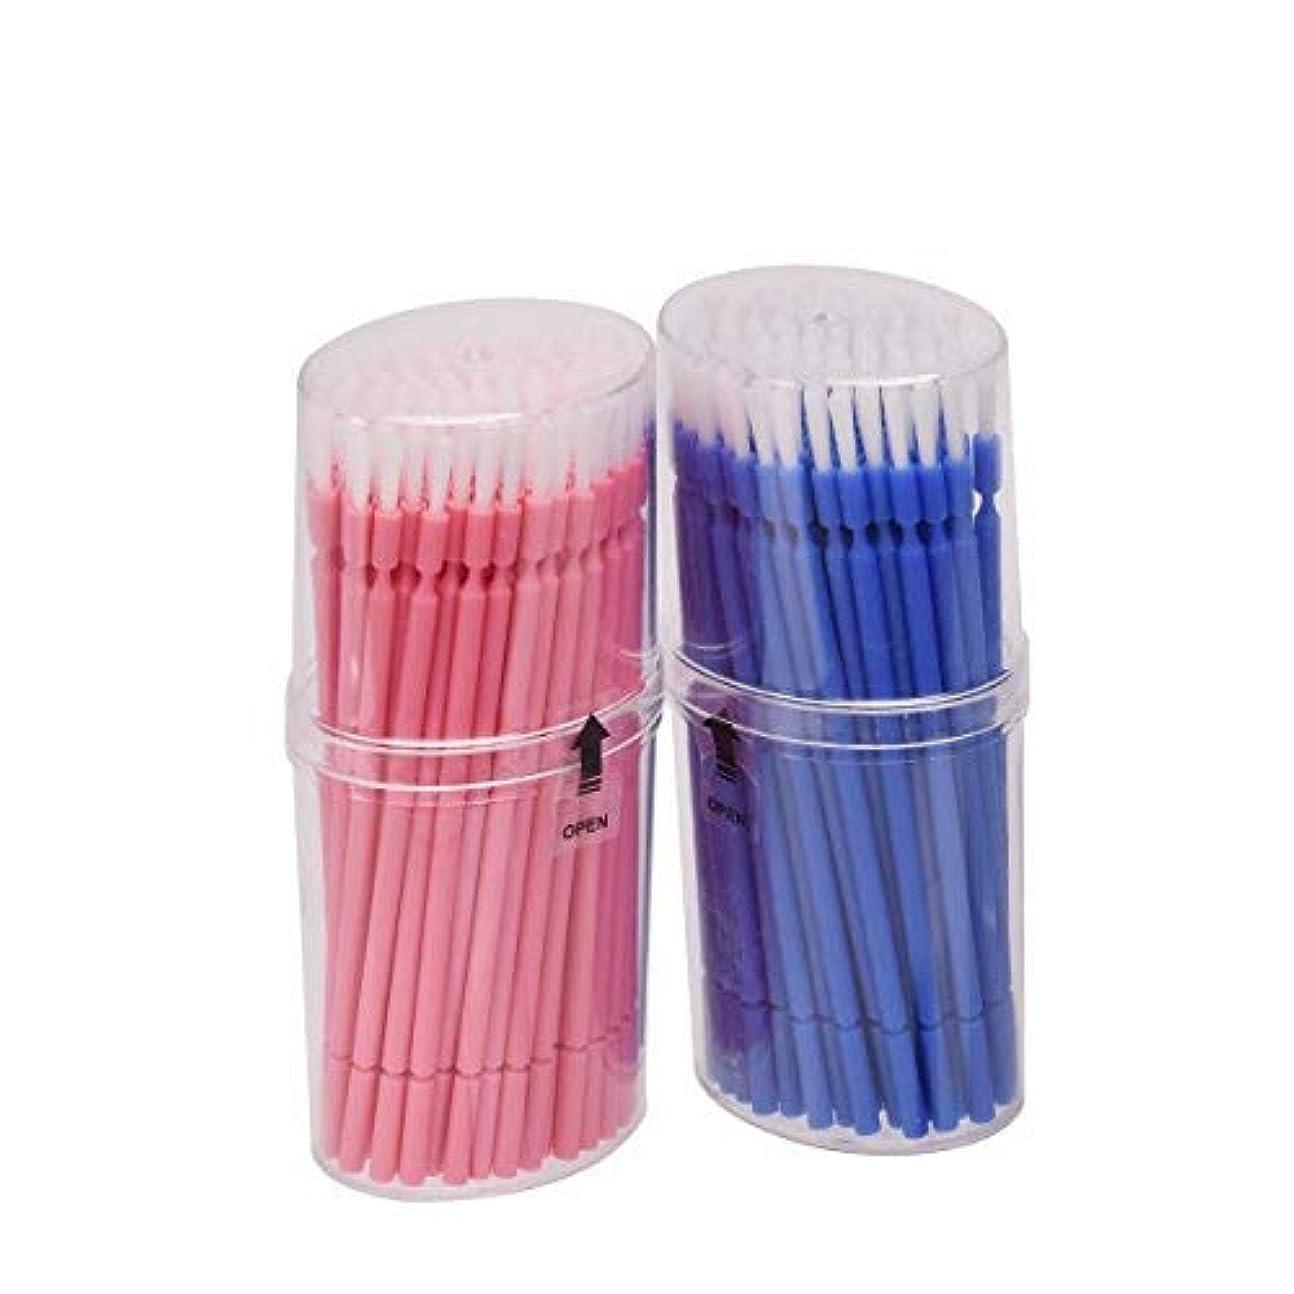 カレンダーためらう周辺マイクブラシ 歯科ブラシ 精密機器の細部の清掃など 幅広く使える 使い捨て 4*100=400本入り Annhua